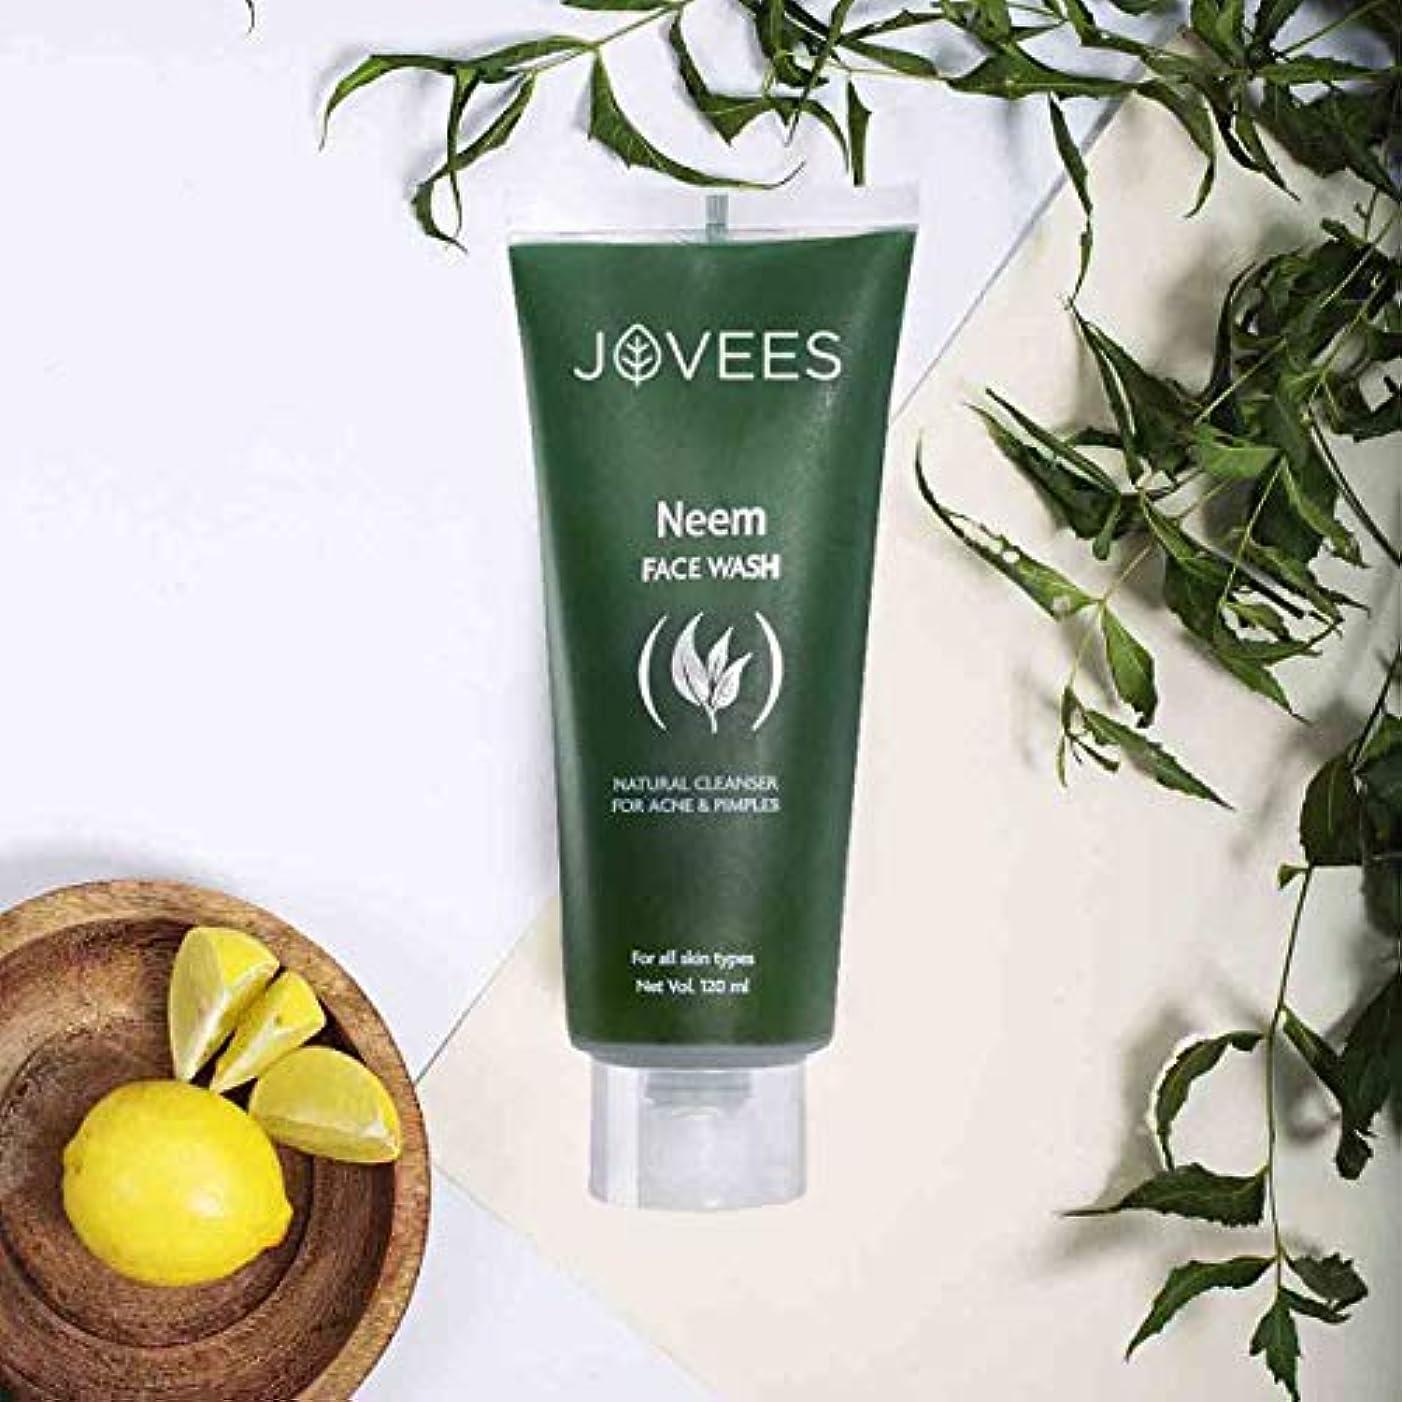 マザーランド脅かす数字Jovees Natural Neem Face Wash 120ml help mitigate pimple & Acne improve skin complexion ナチュラルニームフェイスウォッシュがニキビの...